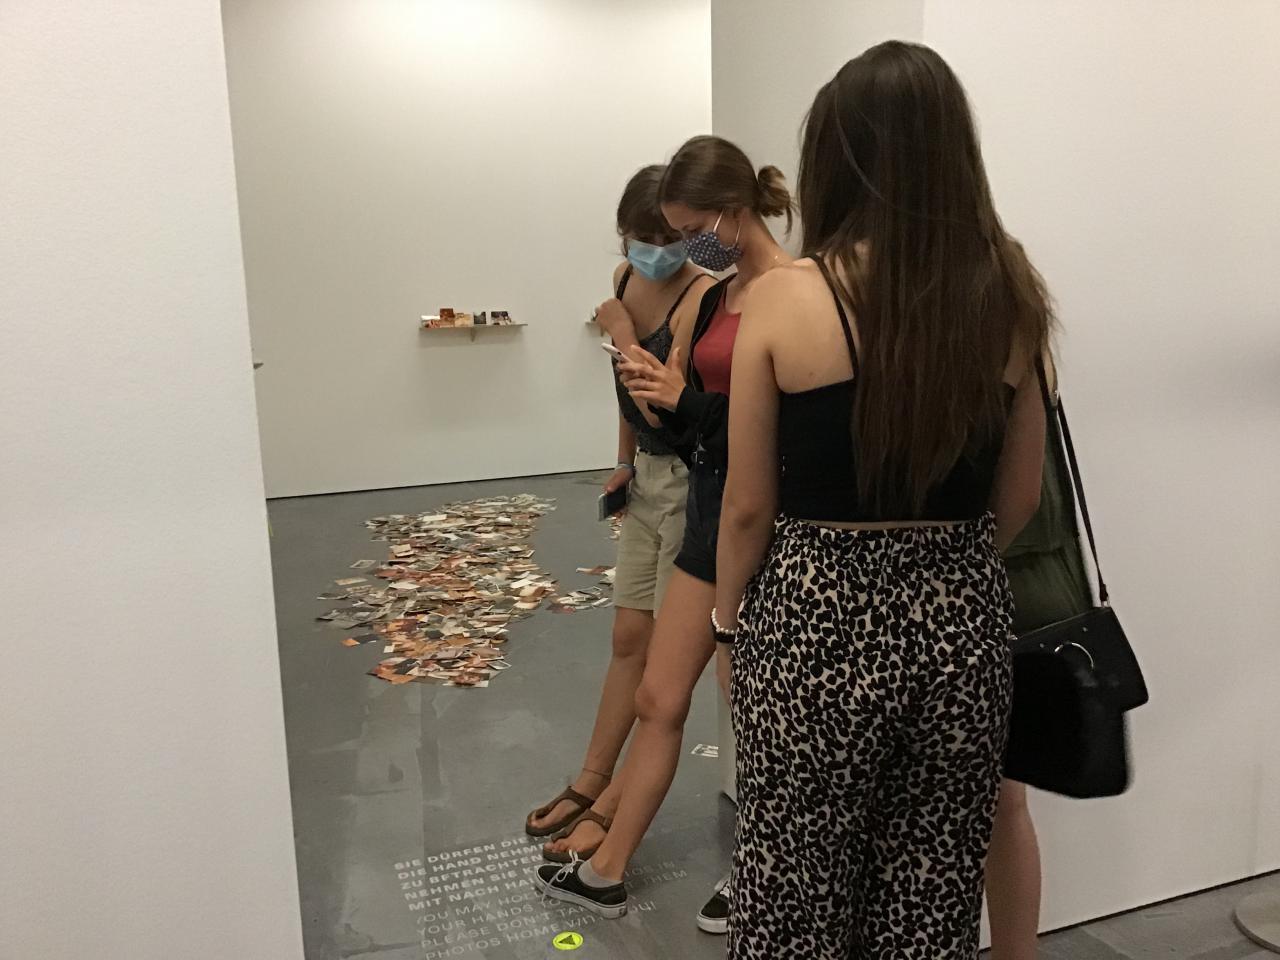 Zu sehen sind drei Mädchen, die ihre Füße auf einen Text auf dem Boden gestellt haben und davon ein Foto machen.